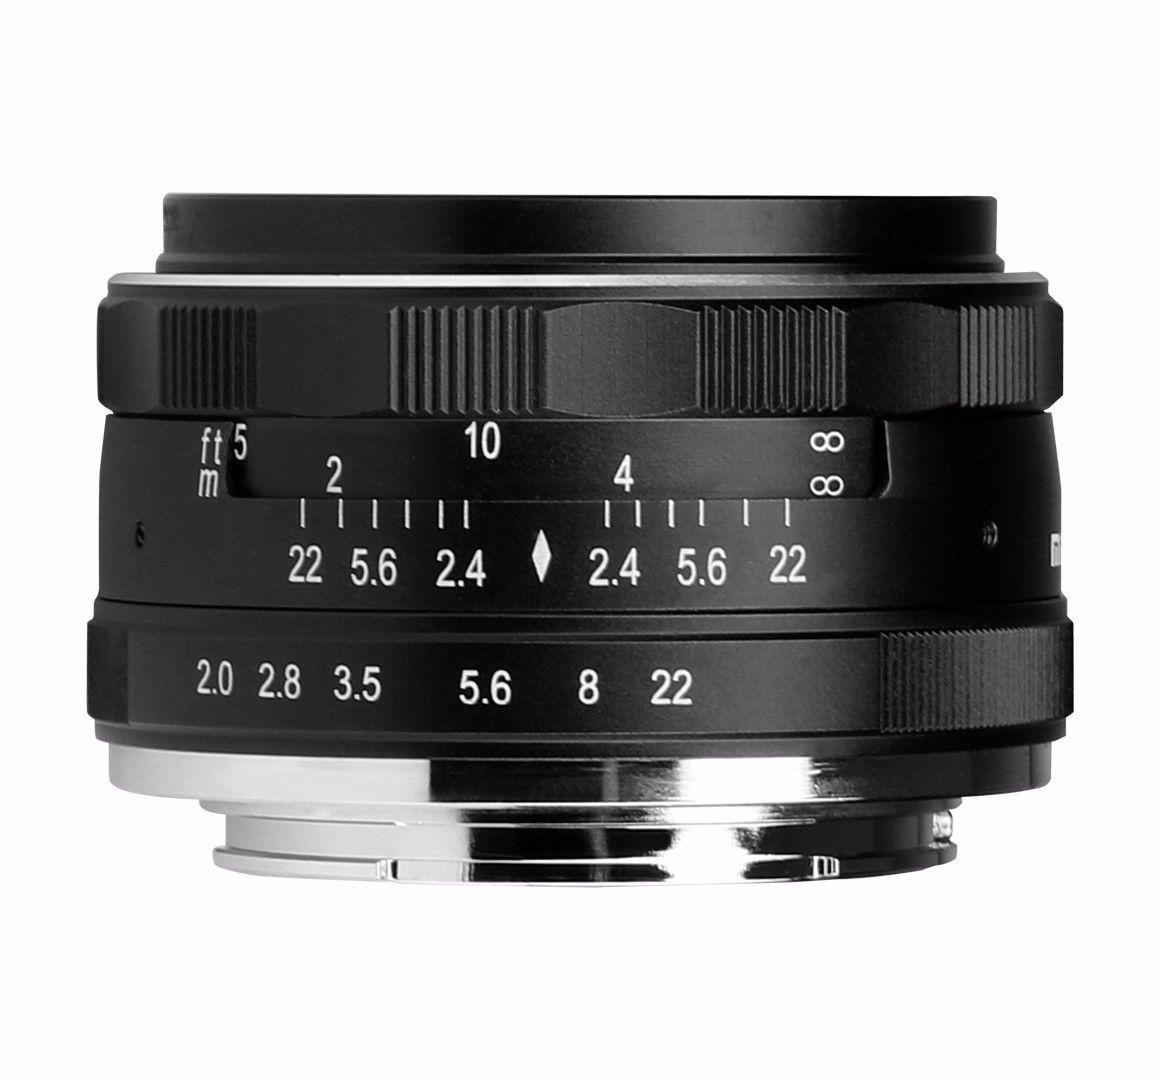 50mm F2.0 Aperture Manual Focus Lens APS-C for Canon EOSM M2 M3 m10 camera50mm F2.0 Aperture Manual Focus Lens APS-C for Canon EOSM M2 M3 m10 camera